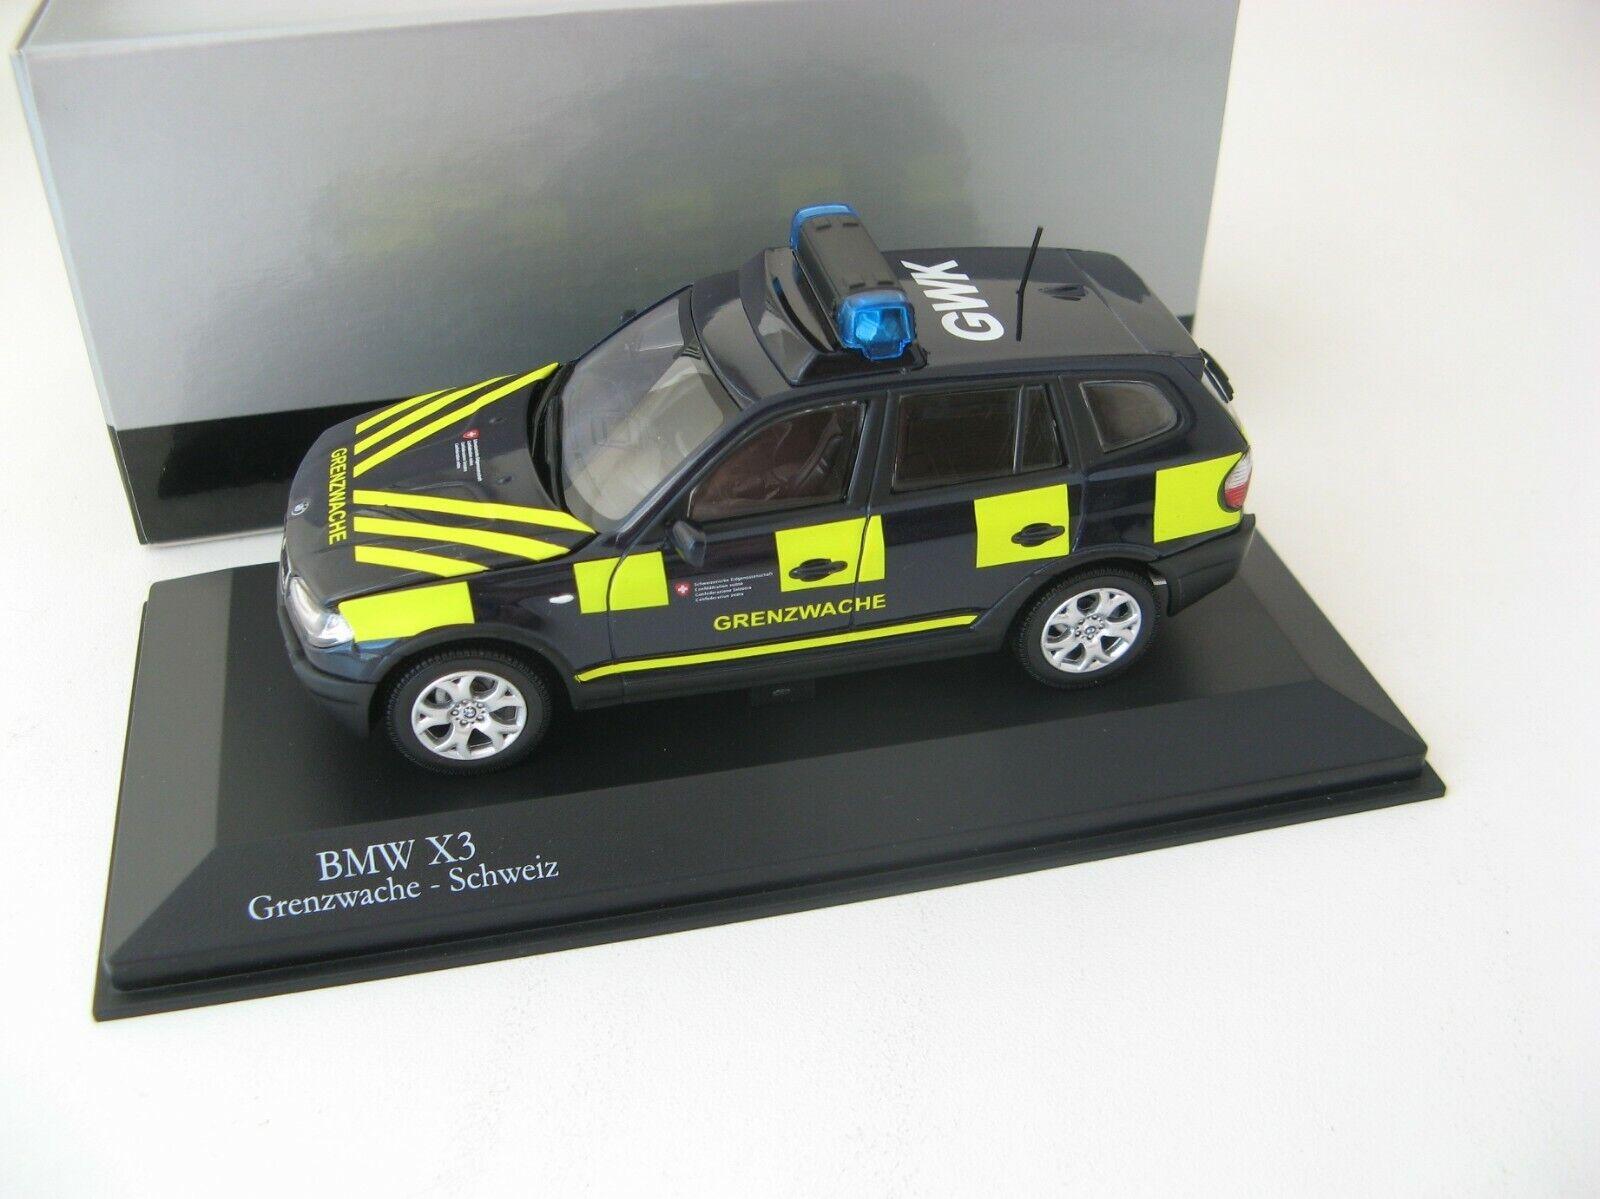 BMW X3 Grenzwache-Schweiz 2003 (German version) 1 43 KYOSHO